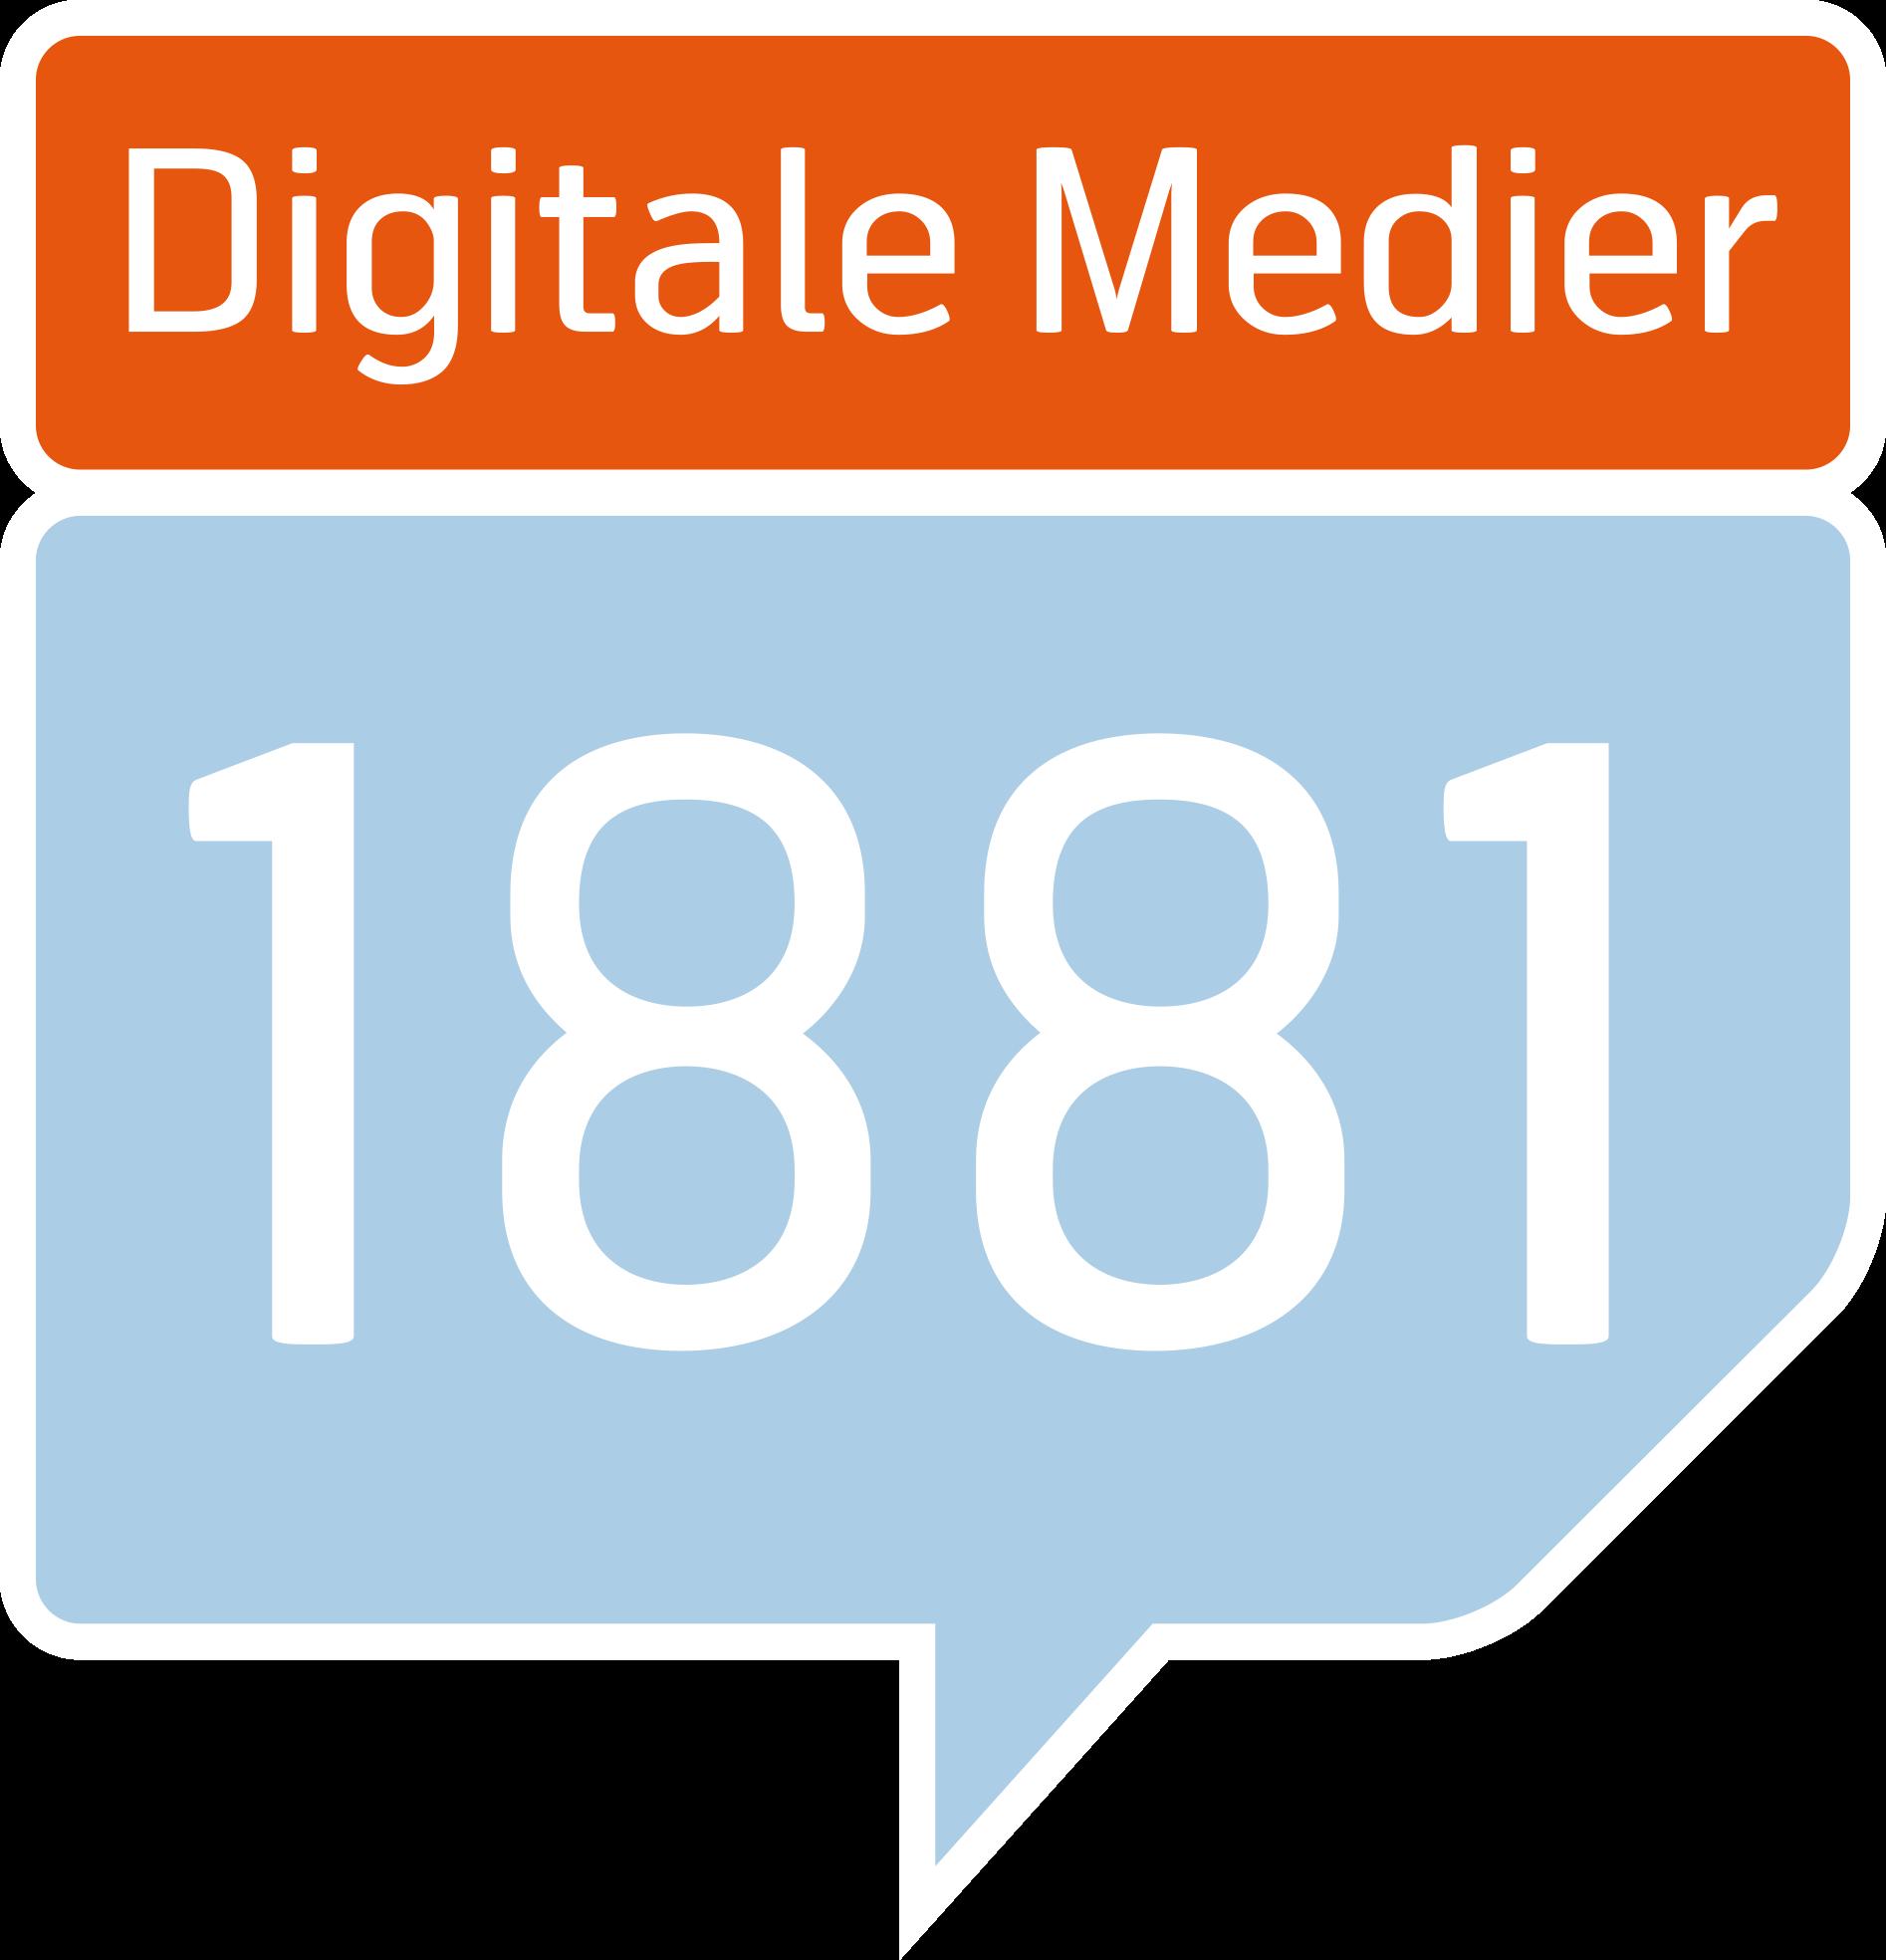 1881 n0 kart Bra Søk   Bransjerådet for Søkemotormarkedsføring » Digitale  1881 n0 kart